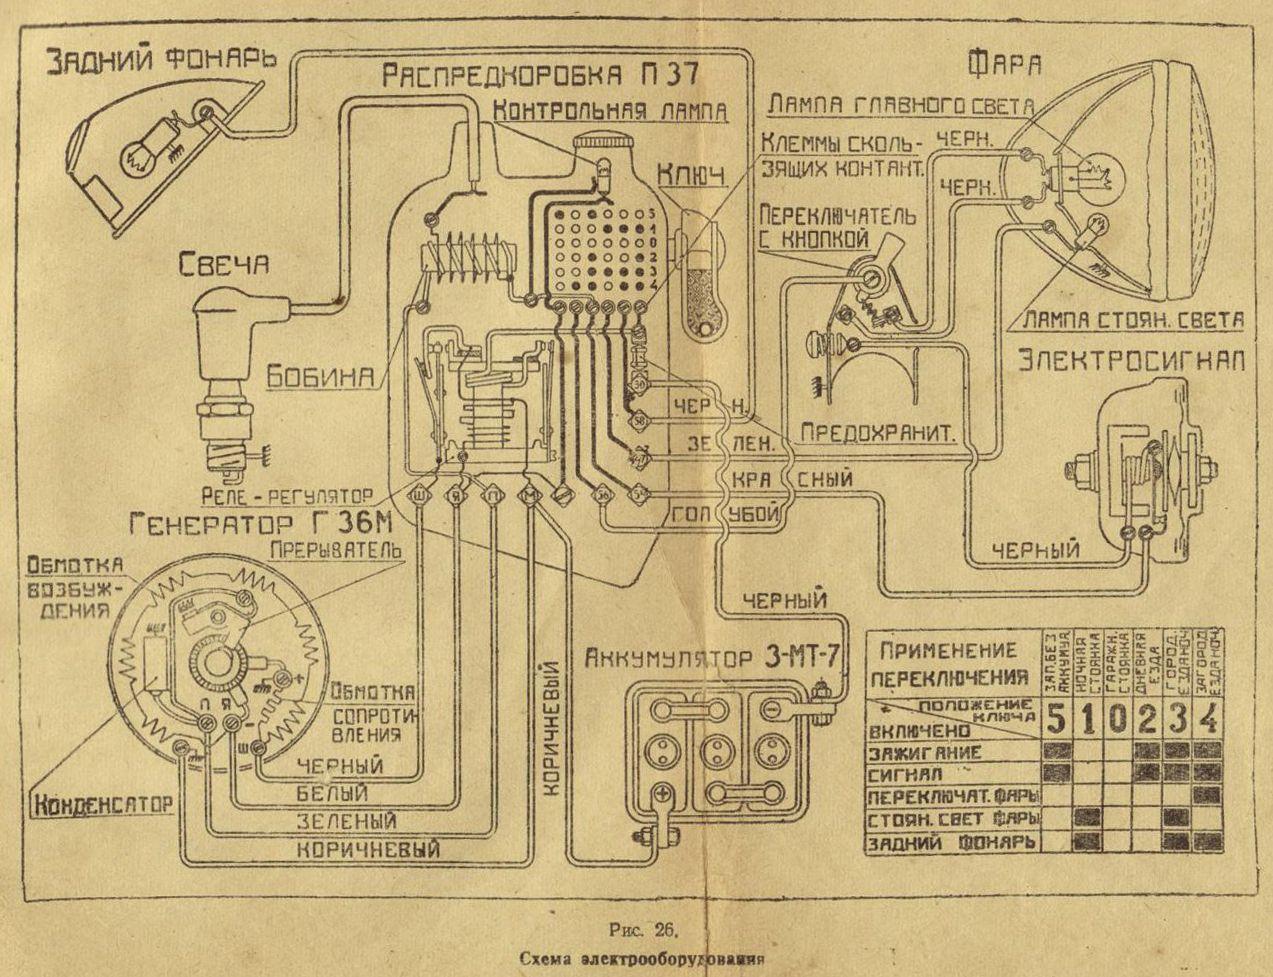 schaltplan russisch aus dem izh-49 handbuch | iž | diagram ... dnepr motorcycle wiring schematic kawasaki motorcycle wiring diagram